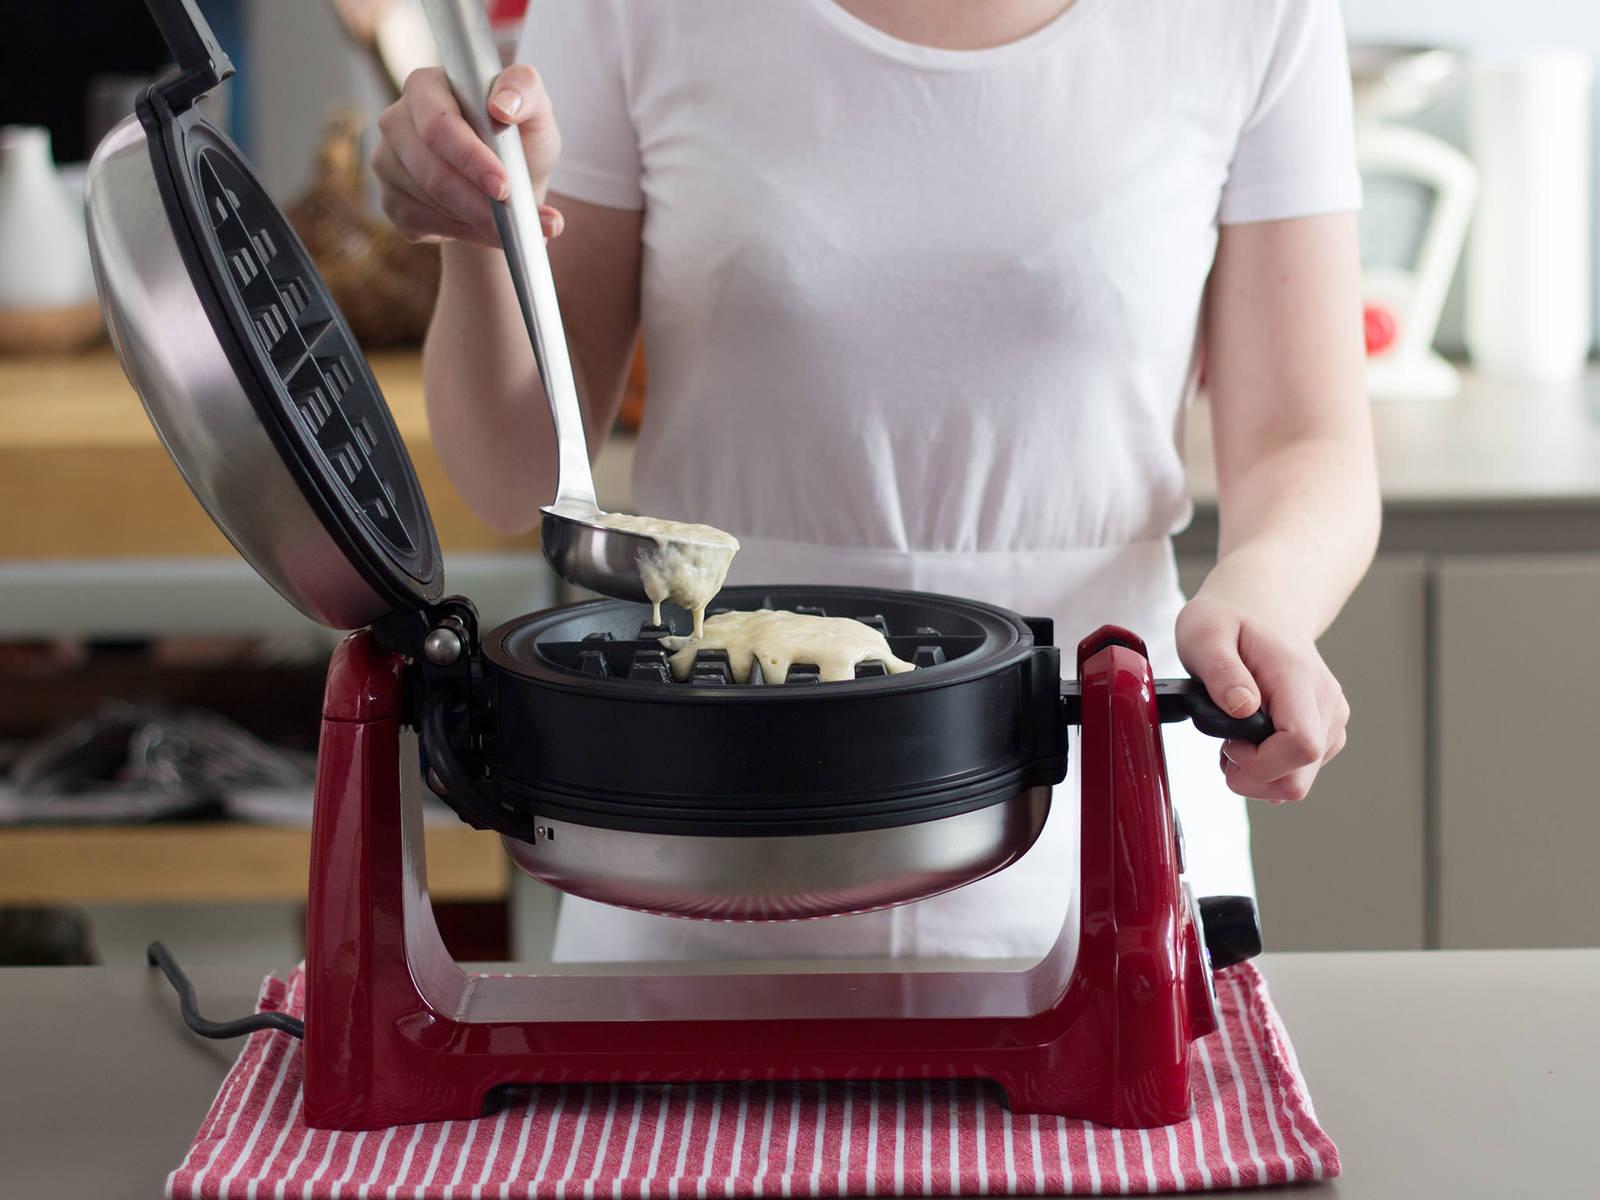 Waffeleisen vorheizen und mit Butter einfetten. Einen Teil des Teigs in das Waffeleisen geben und für ca. 3 – 4 Min. backen, bis die Waffel gold-braun ist. Direkt servieren und mit Blaubeersoße und Puderzucker anrichten.